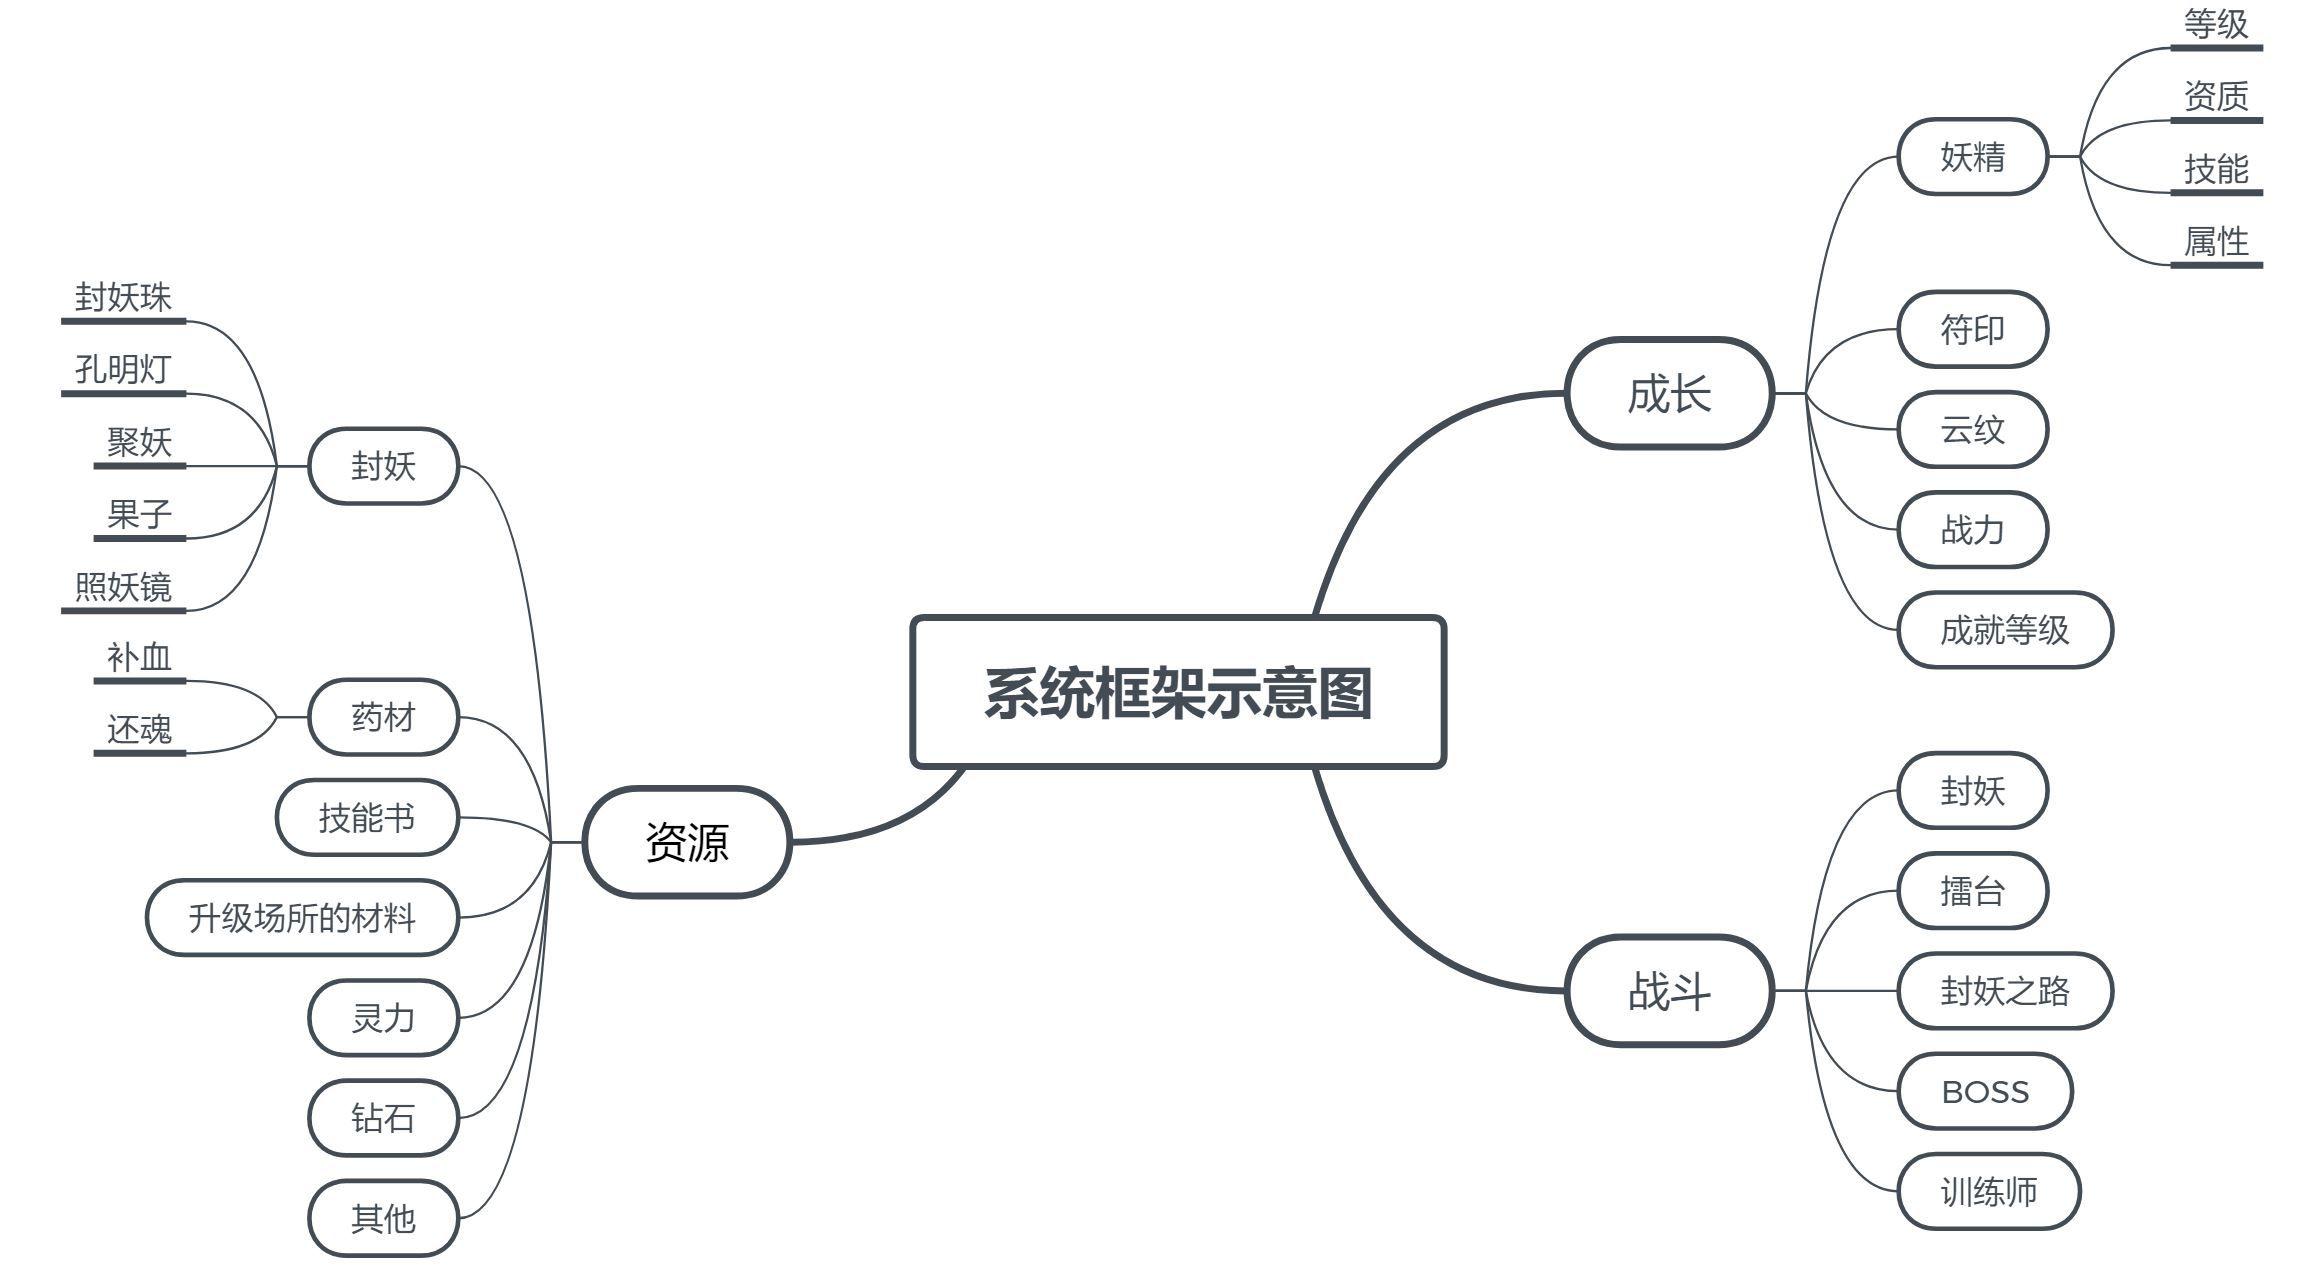 系统框架示意图.JPG